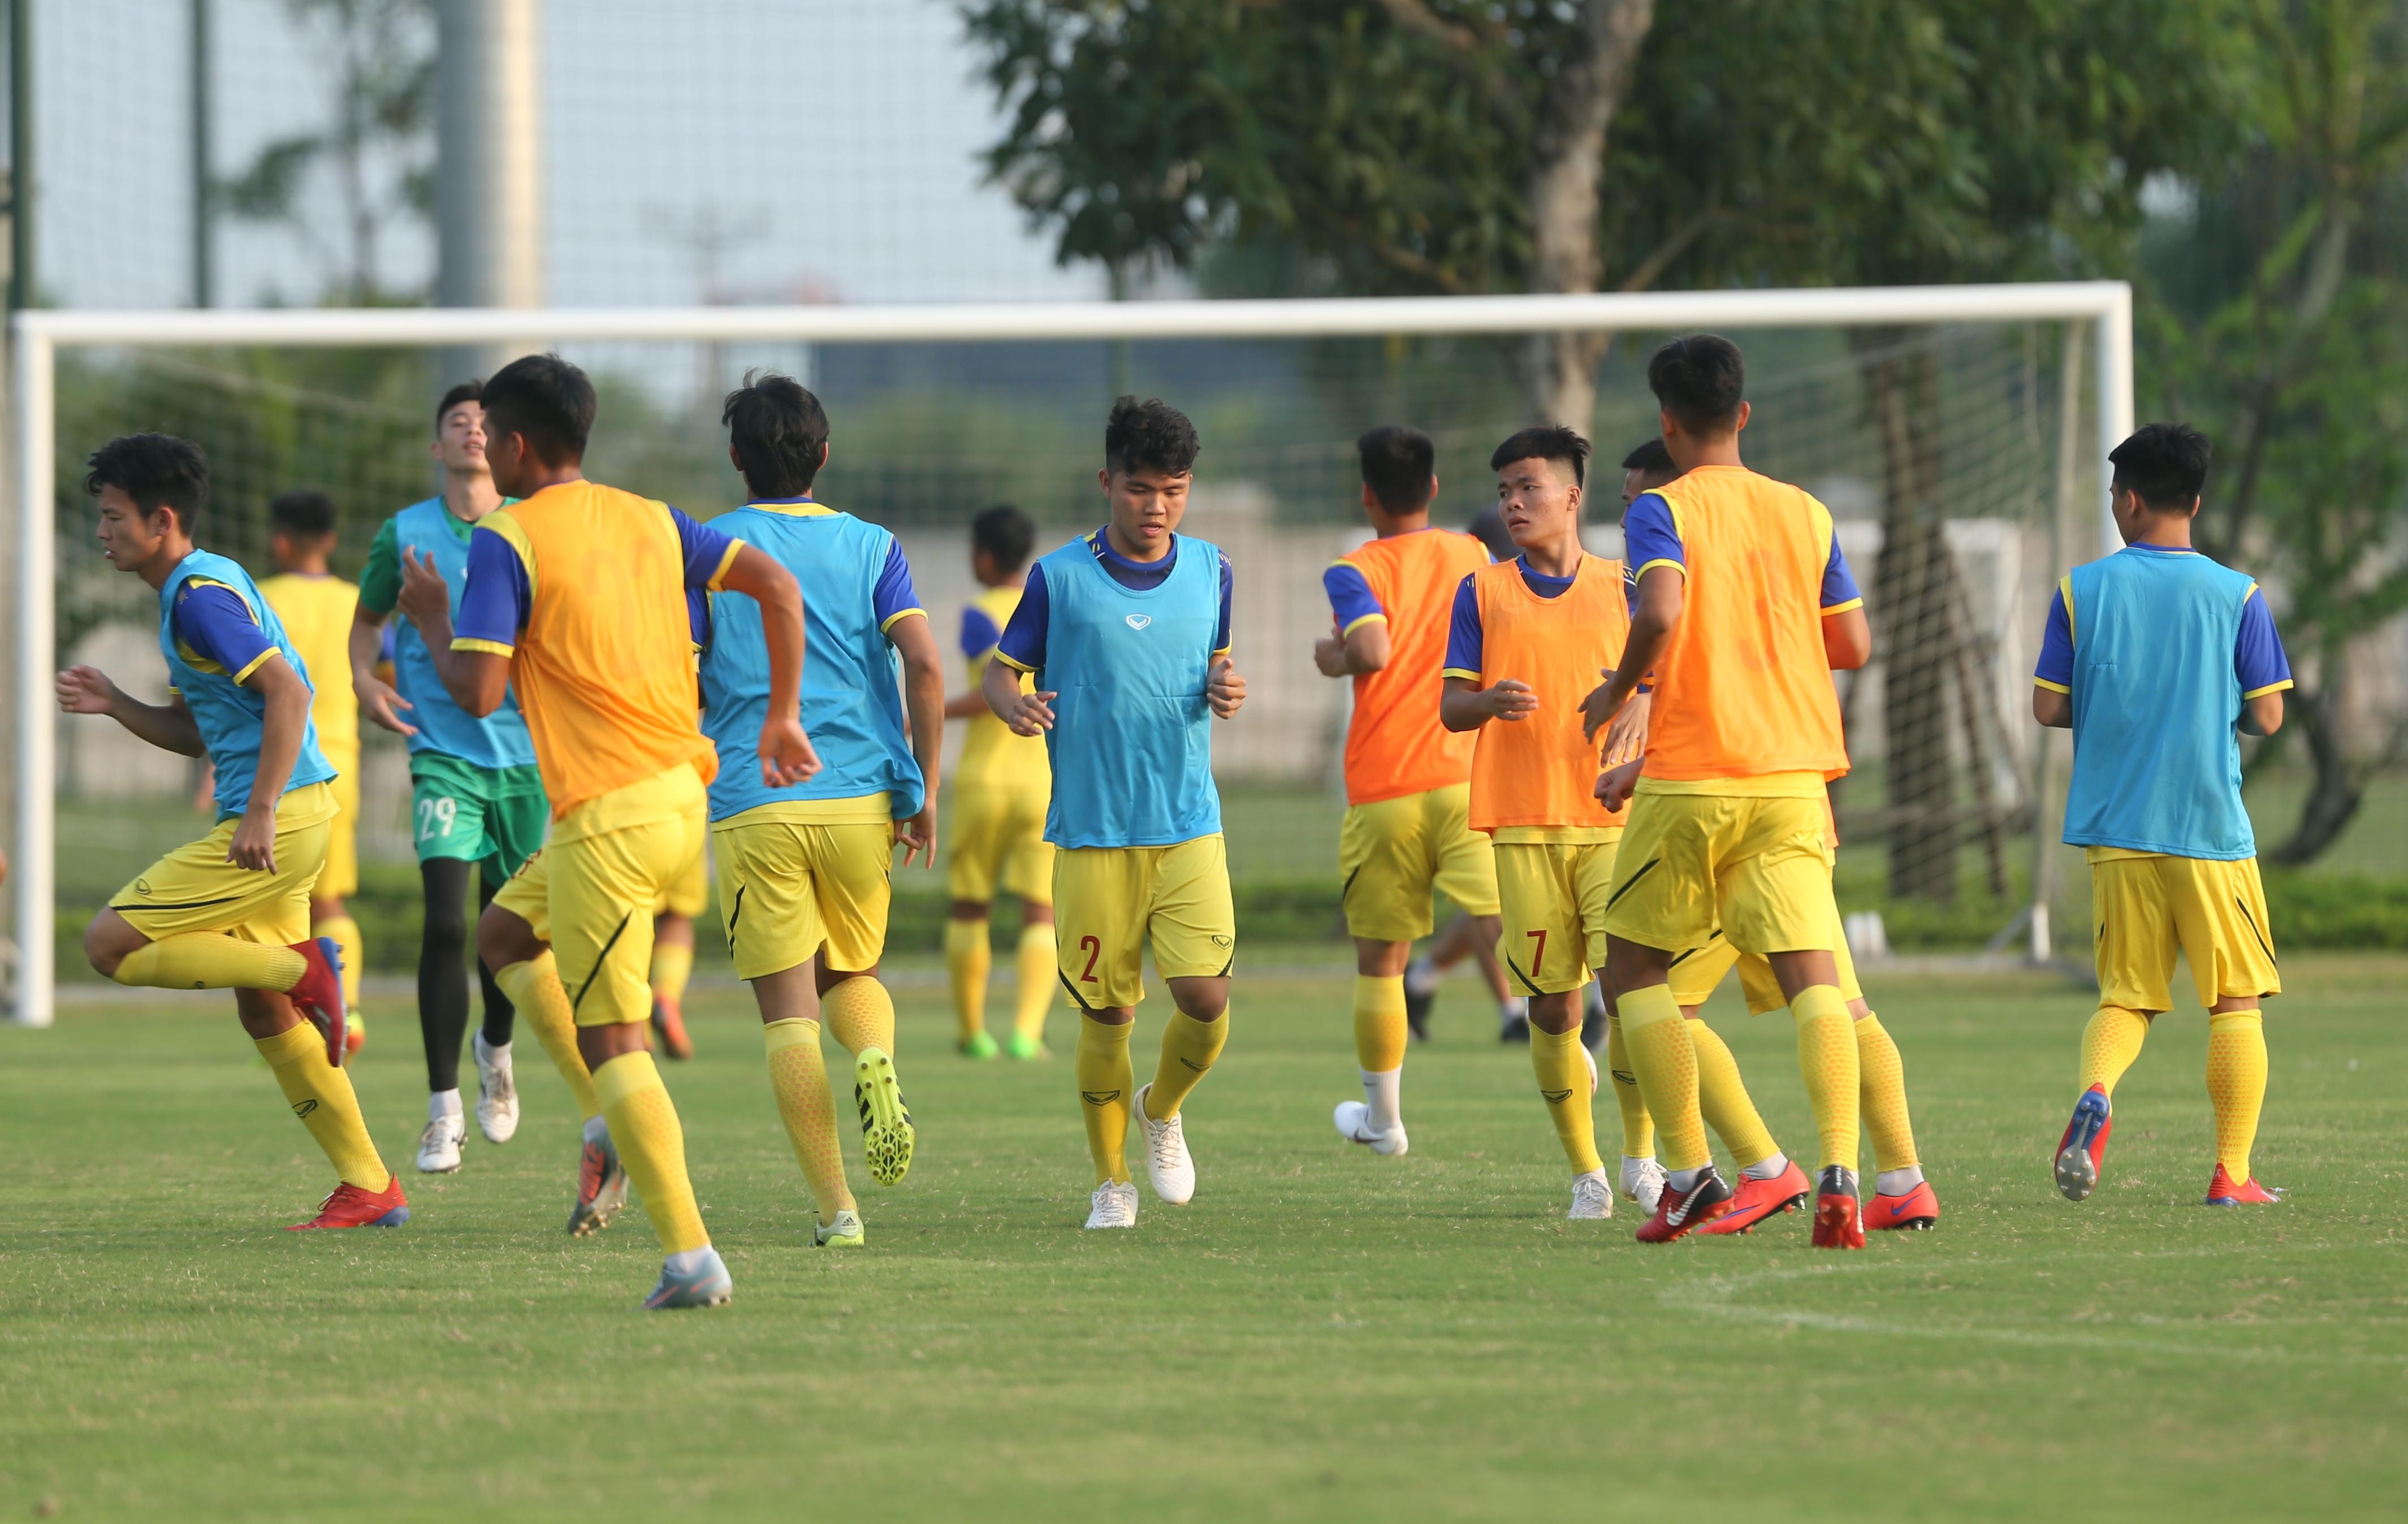 ĐT U19 Việt Nam di chuyển vào Tây Ninh tập huấn trước thềm Vòng loại châu Á 2020